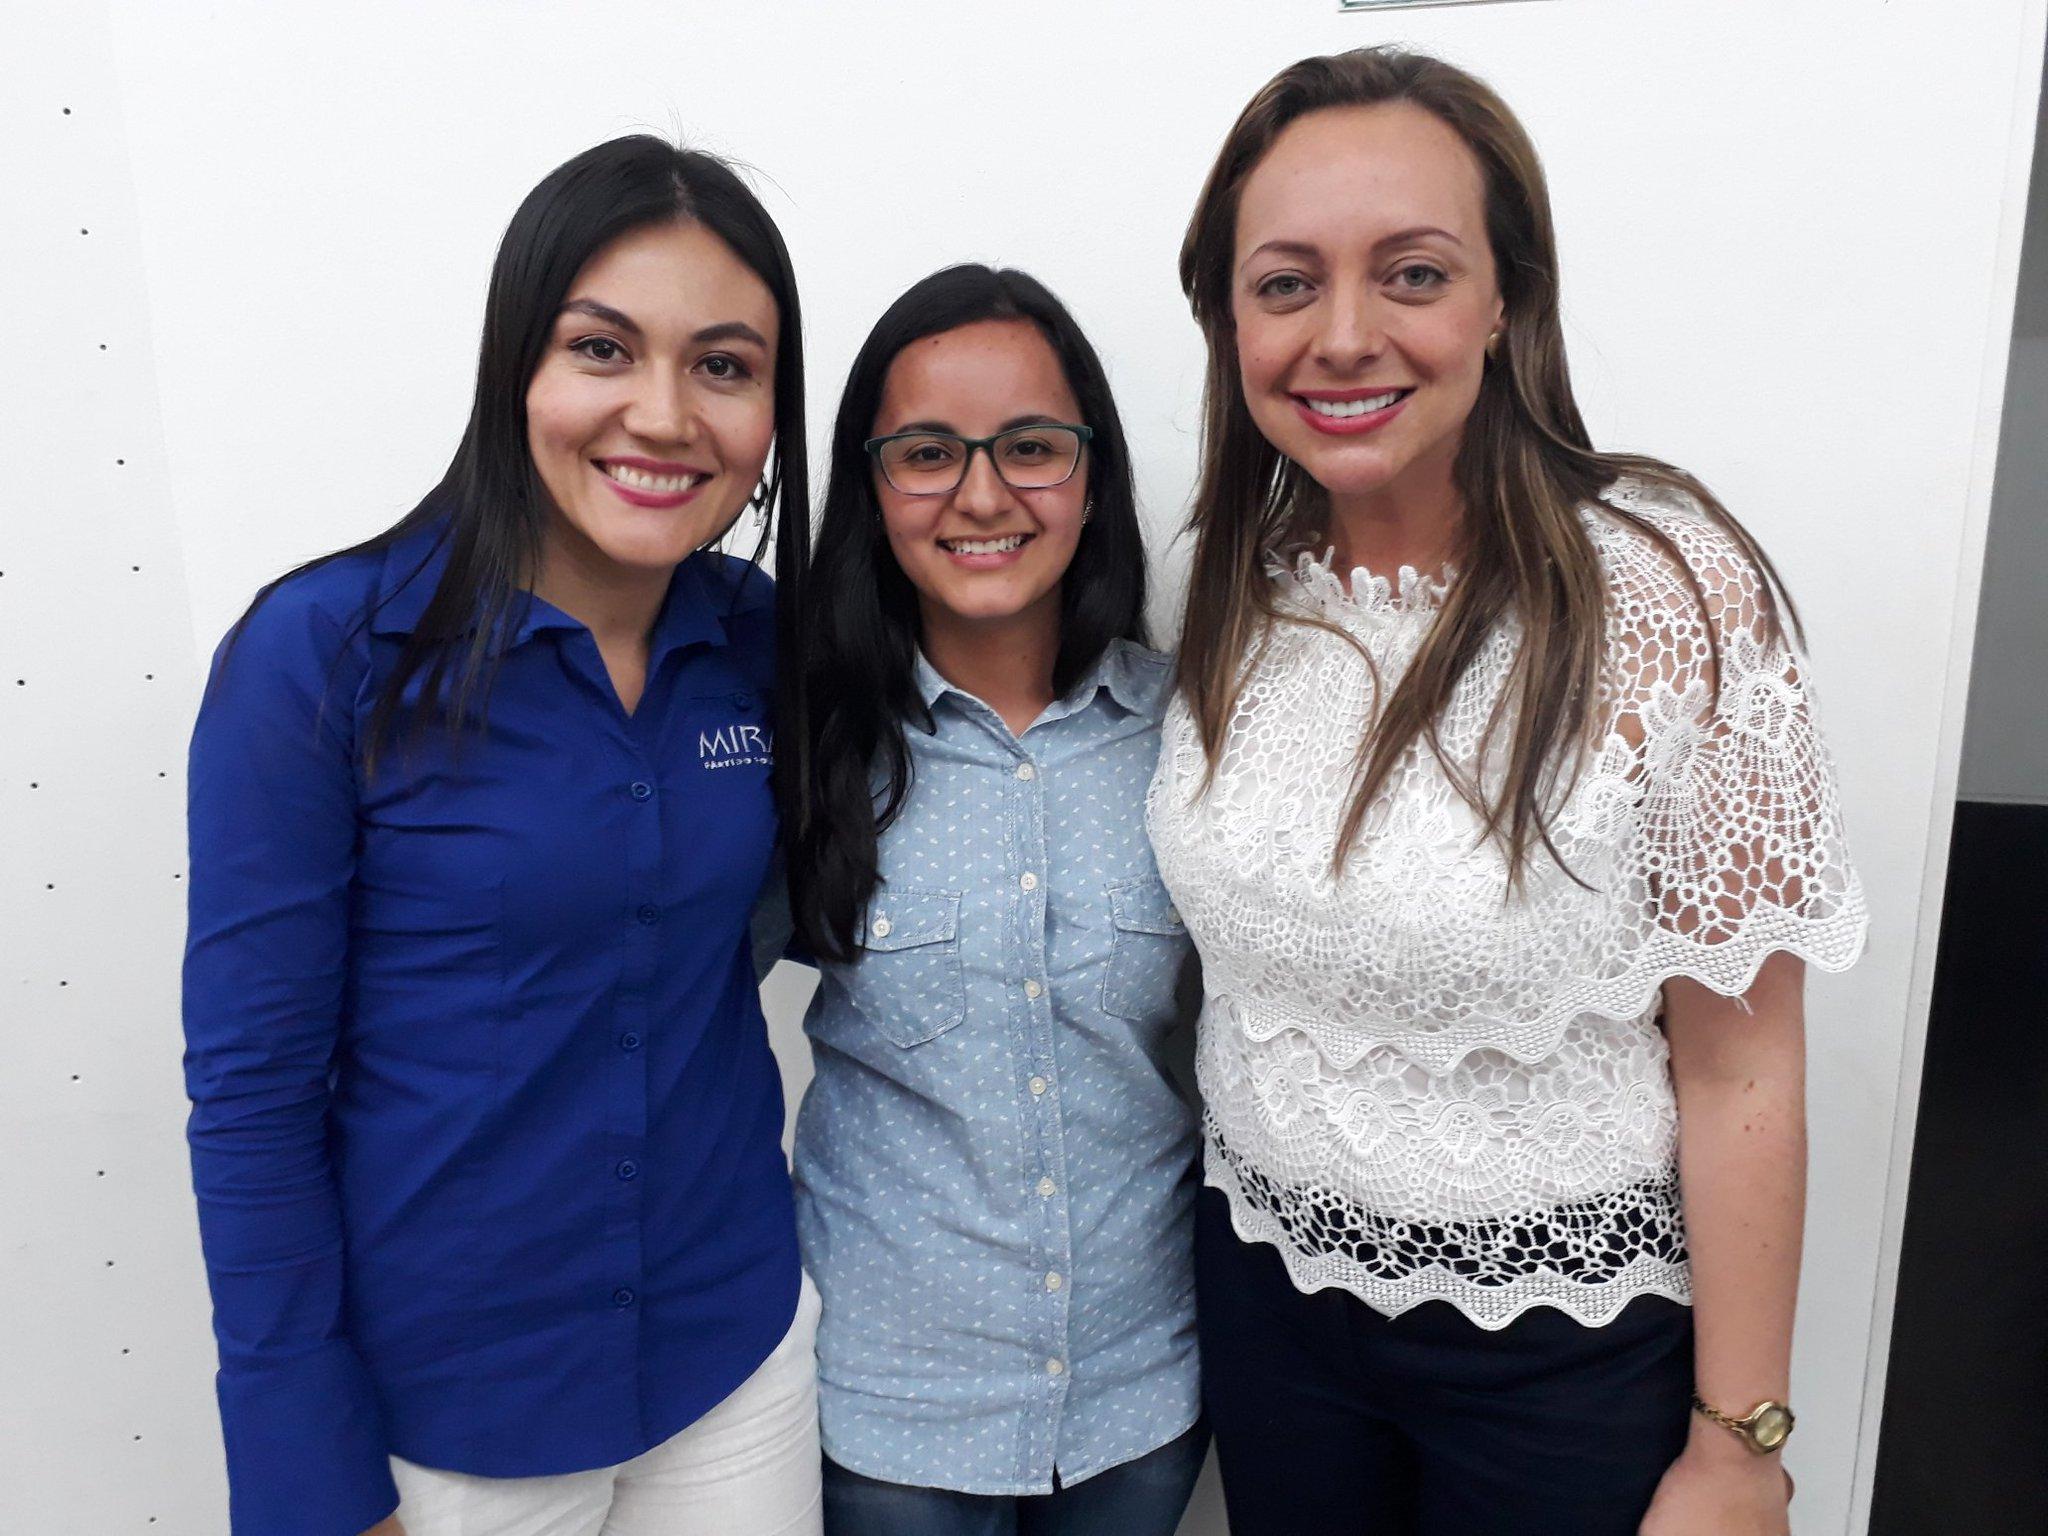 #MiraPorTiMujer  El @MovimientoMIRA confía en las capacidades de la mujer, ejemplo de ello son @AnaPaolaAgudelo y @erikaramosdavi #AquíSíHayConQuien https://t.co/ODEWoFS6n0